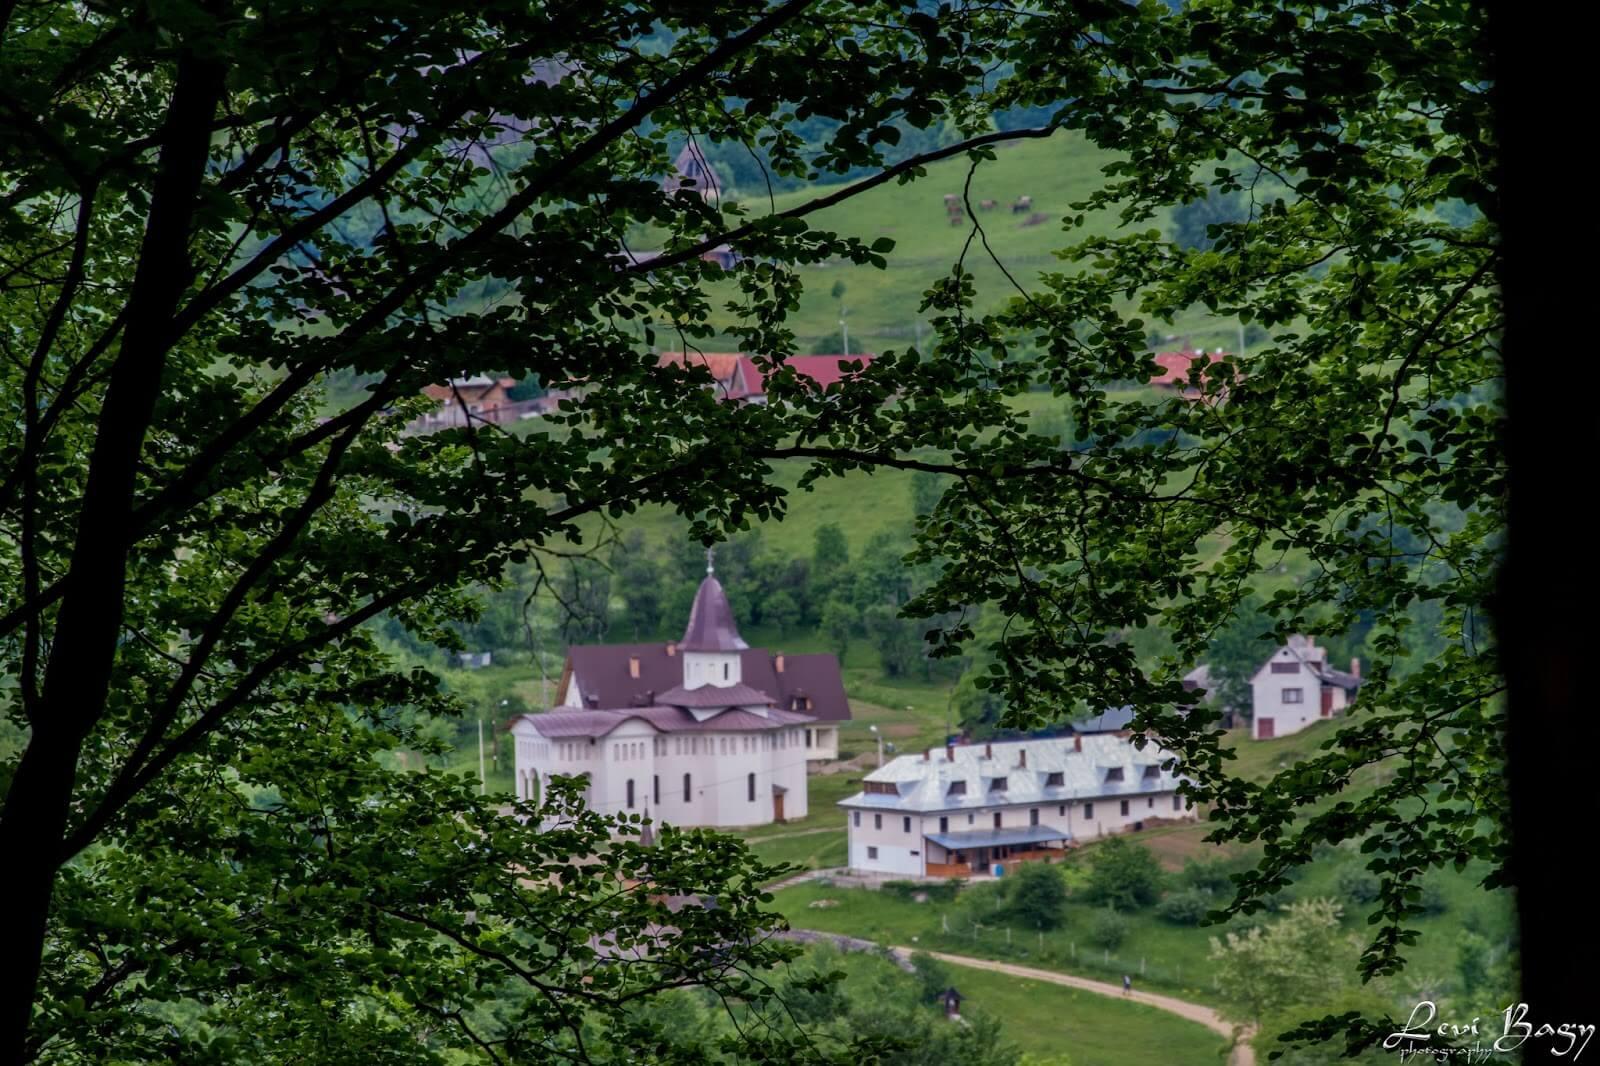 Mănăstirea Sub Piatră  - Levi Bagy Photography